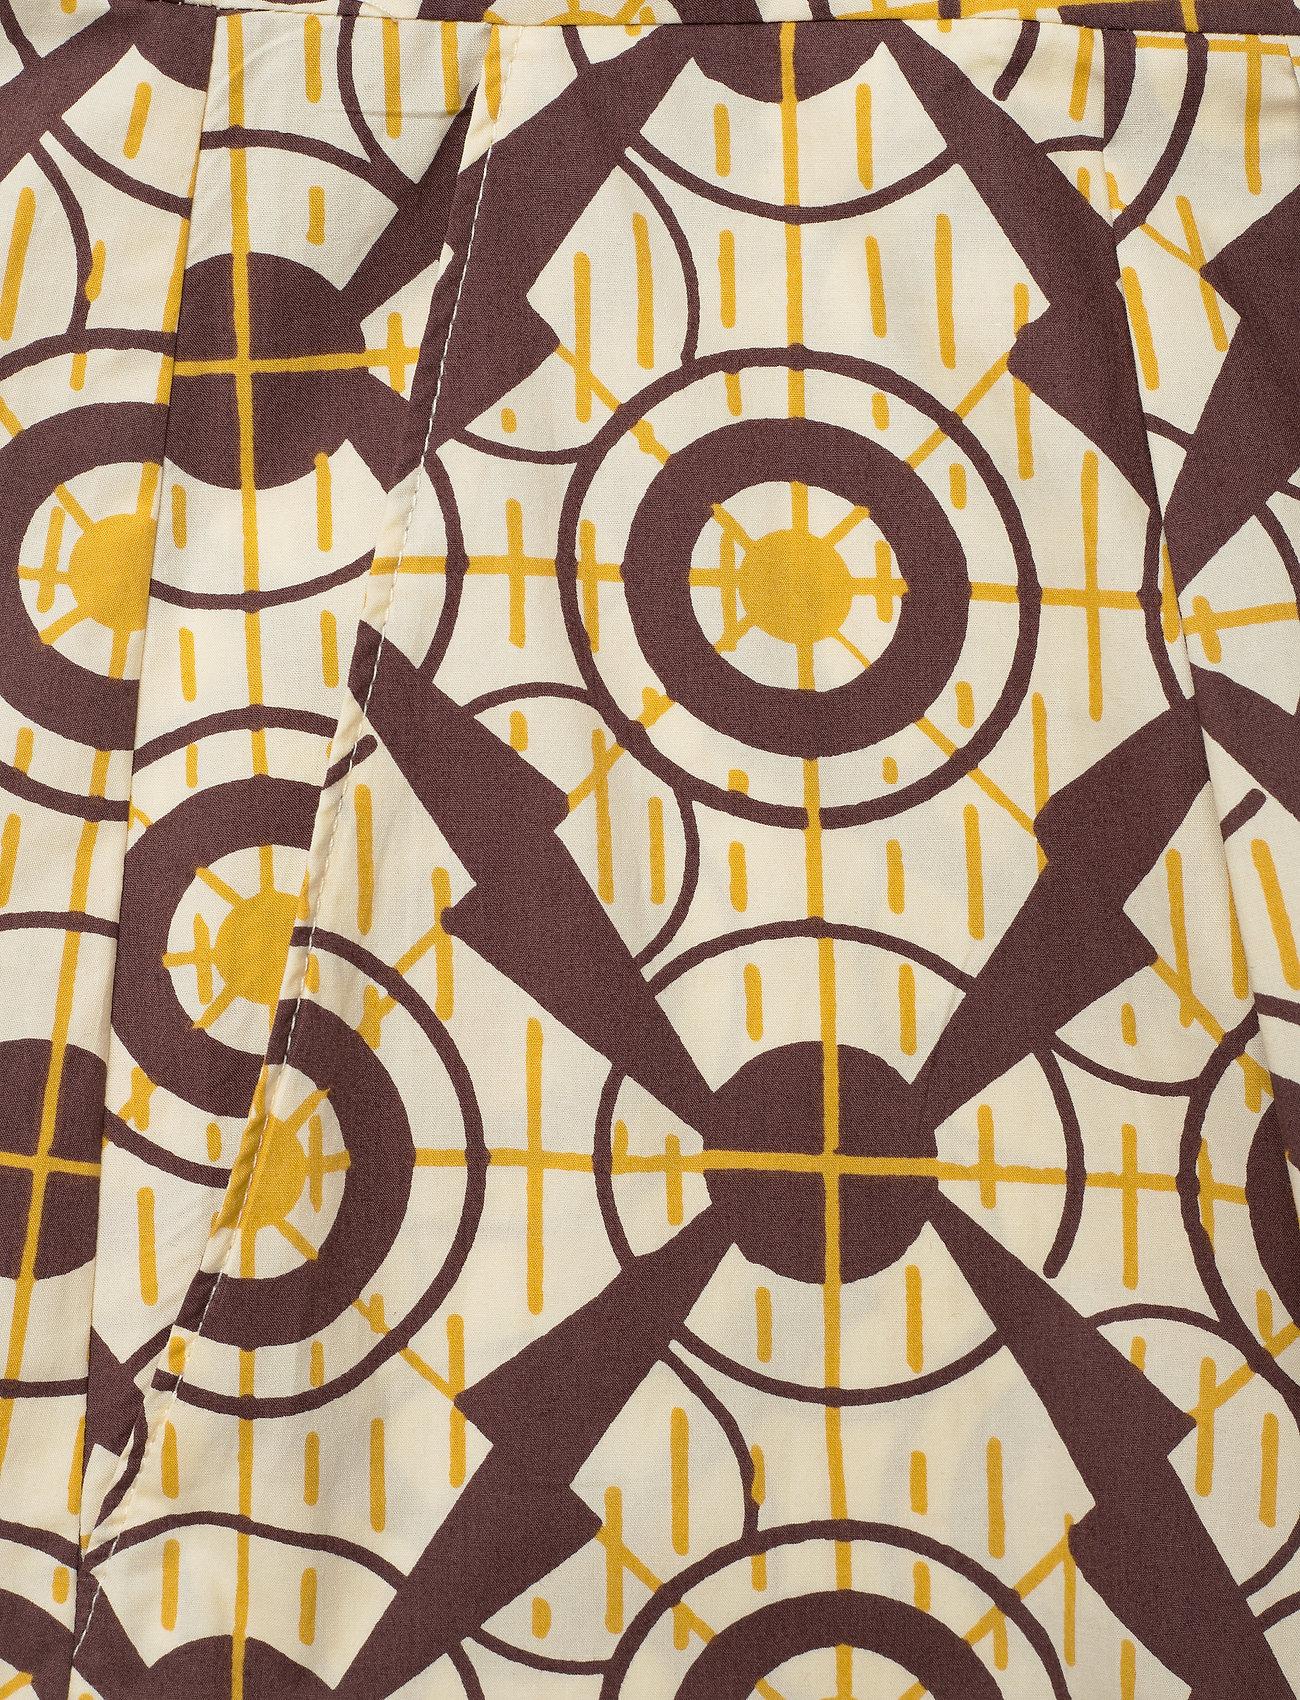 Baum und Pferdgarten - NOLANA - clothing - yellow propeller - 4